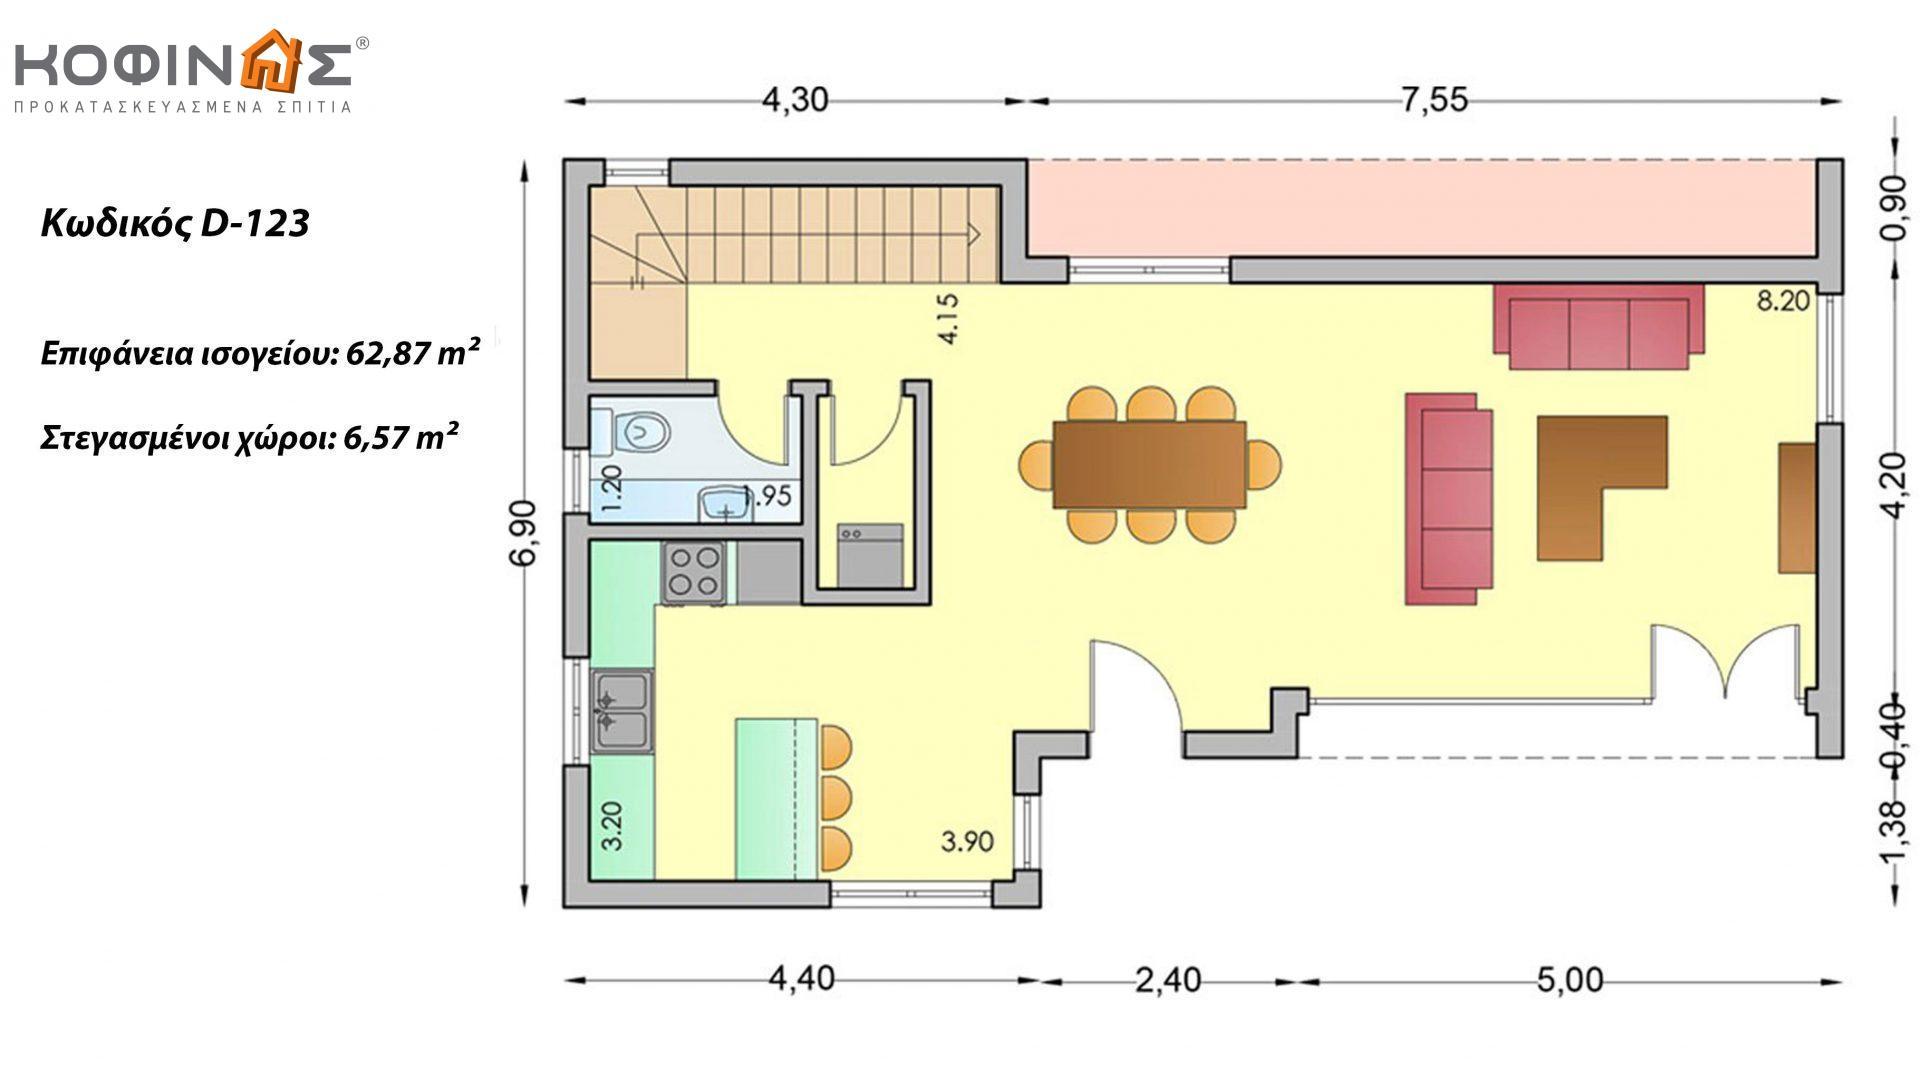 Διώροφη Κατοικία D-123, συνολικής επιφάνειας 123,30 τ.μ. , συνολική επιφάνεια στεγασμένων χώρων 11.42 τ.μ., μπαλκόνια 6.07 τ.μ.